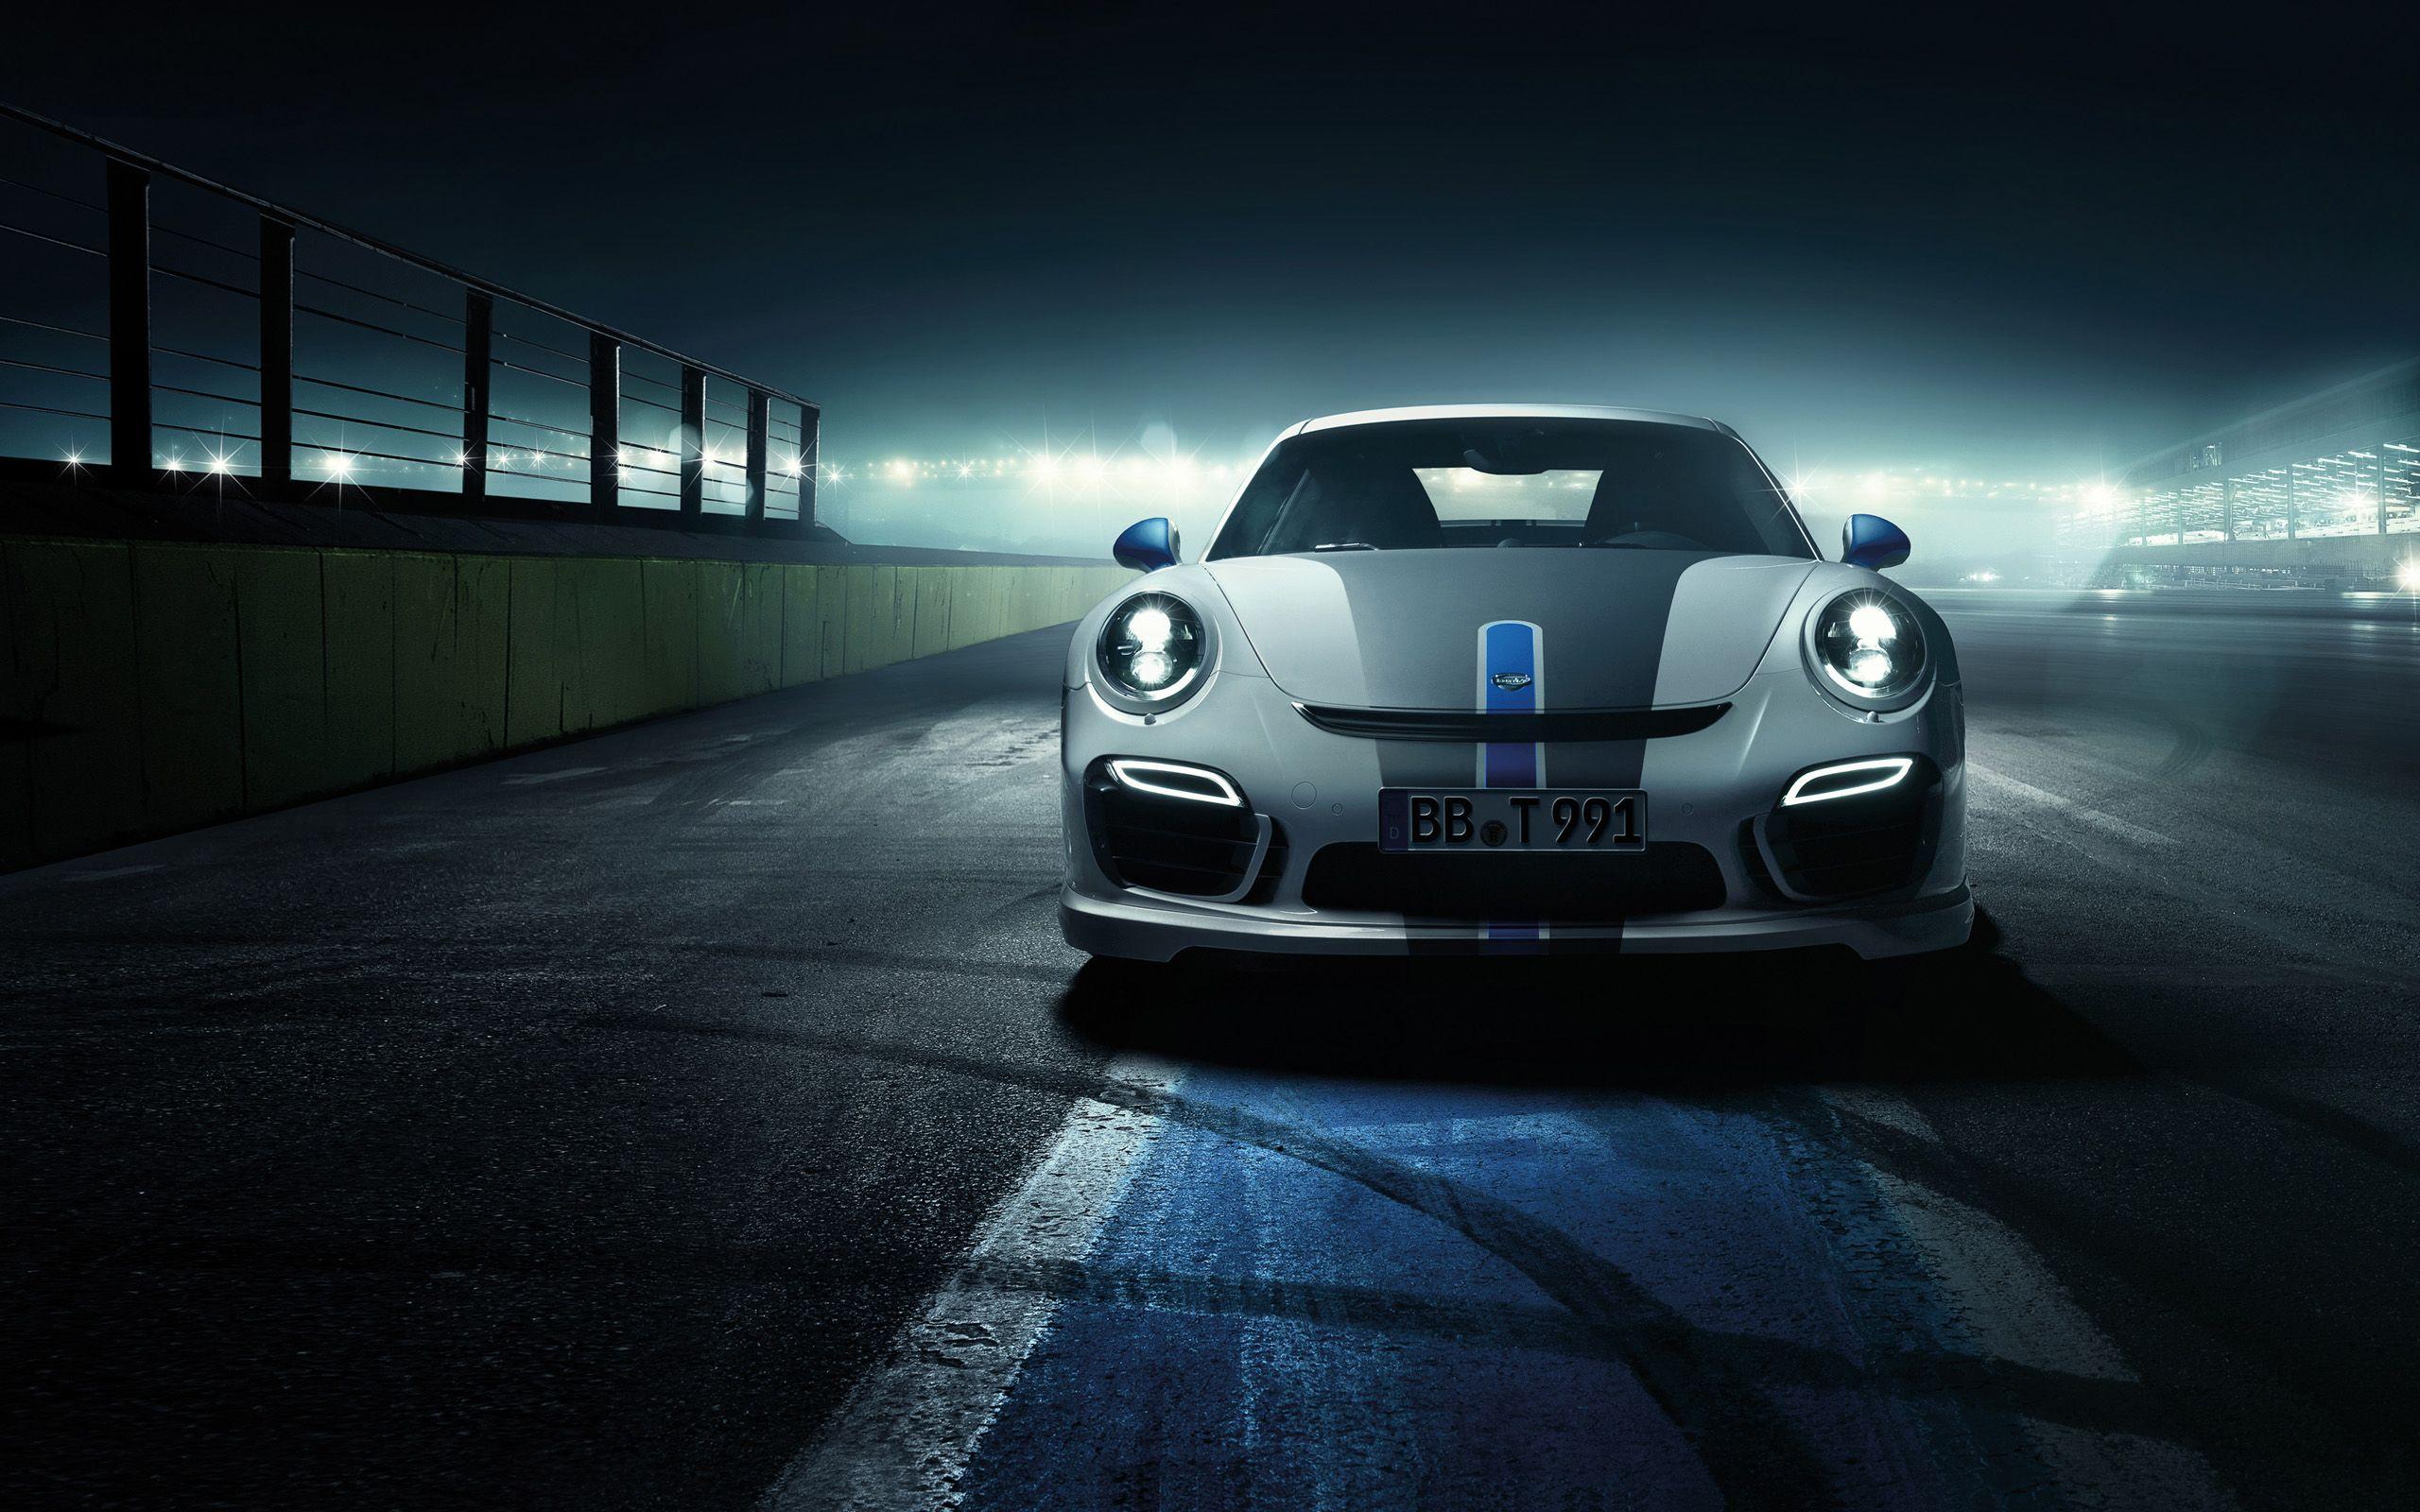 Techart Porsche 911 Turbo 2014 911 Turbo Porsche 911 Porsche 911 Turbo